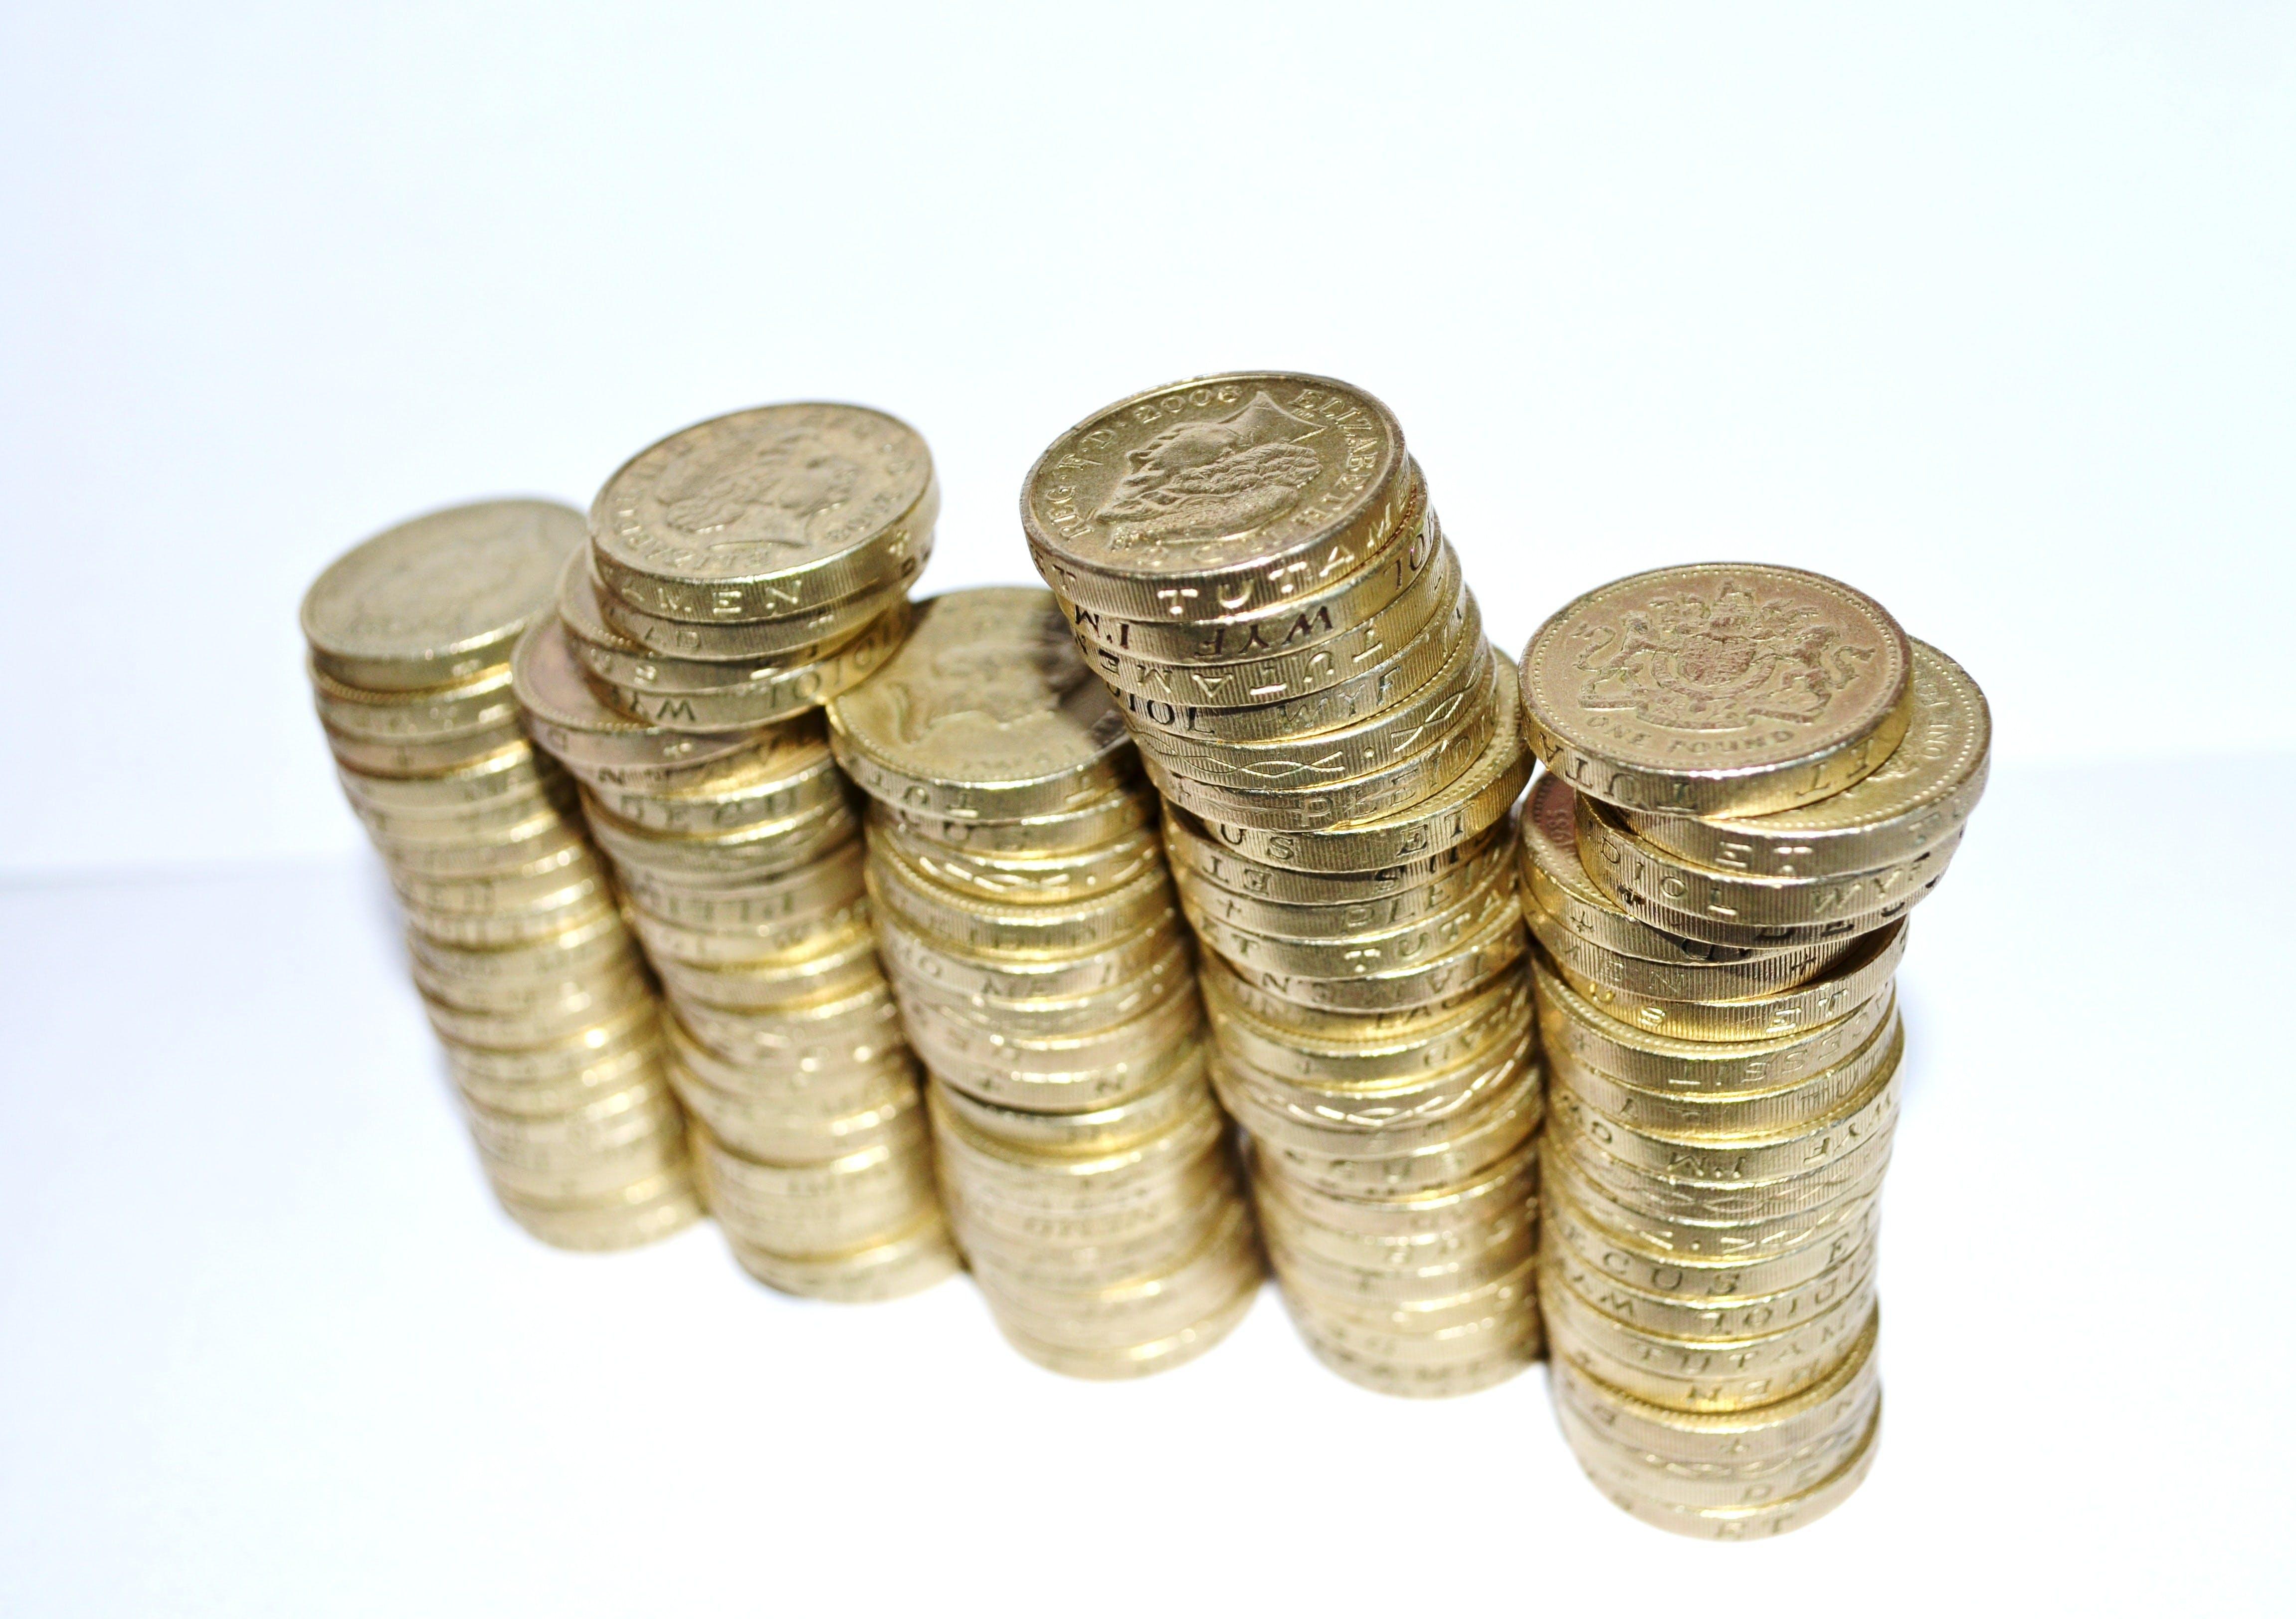 Gratis lagerfoto af bunke, close-up, guld, kontant